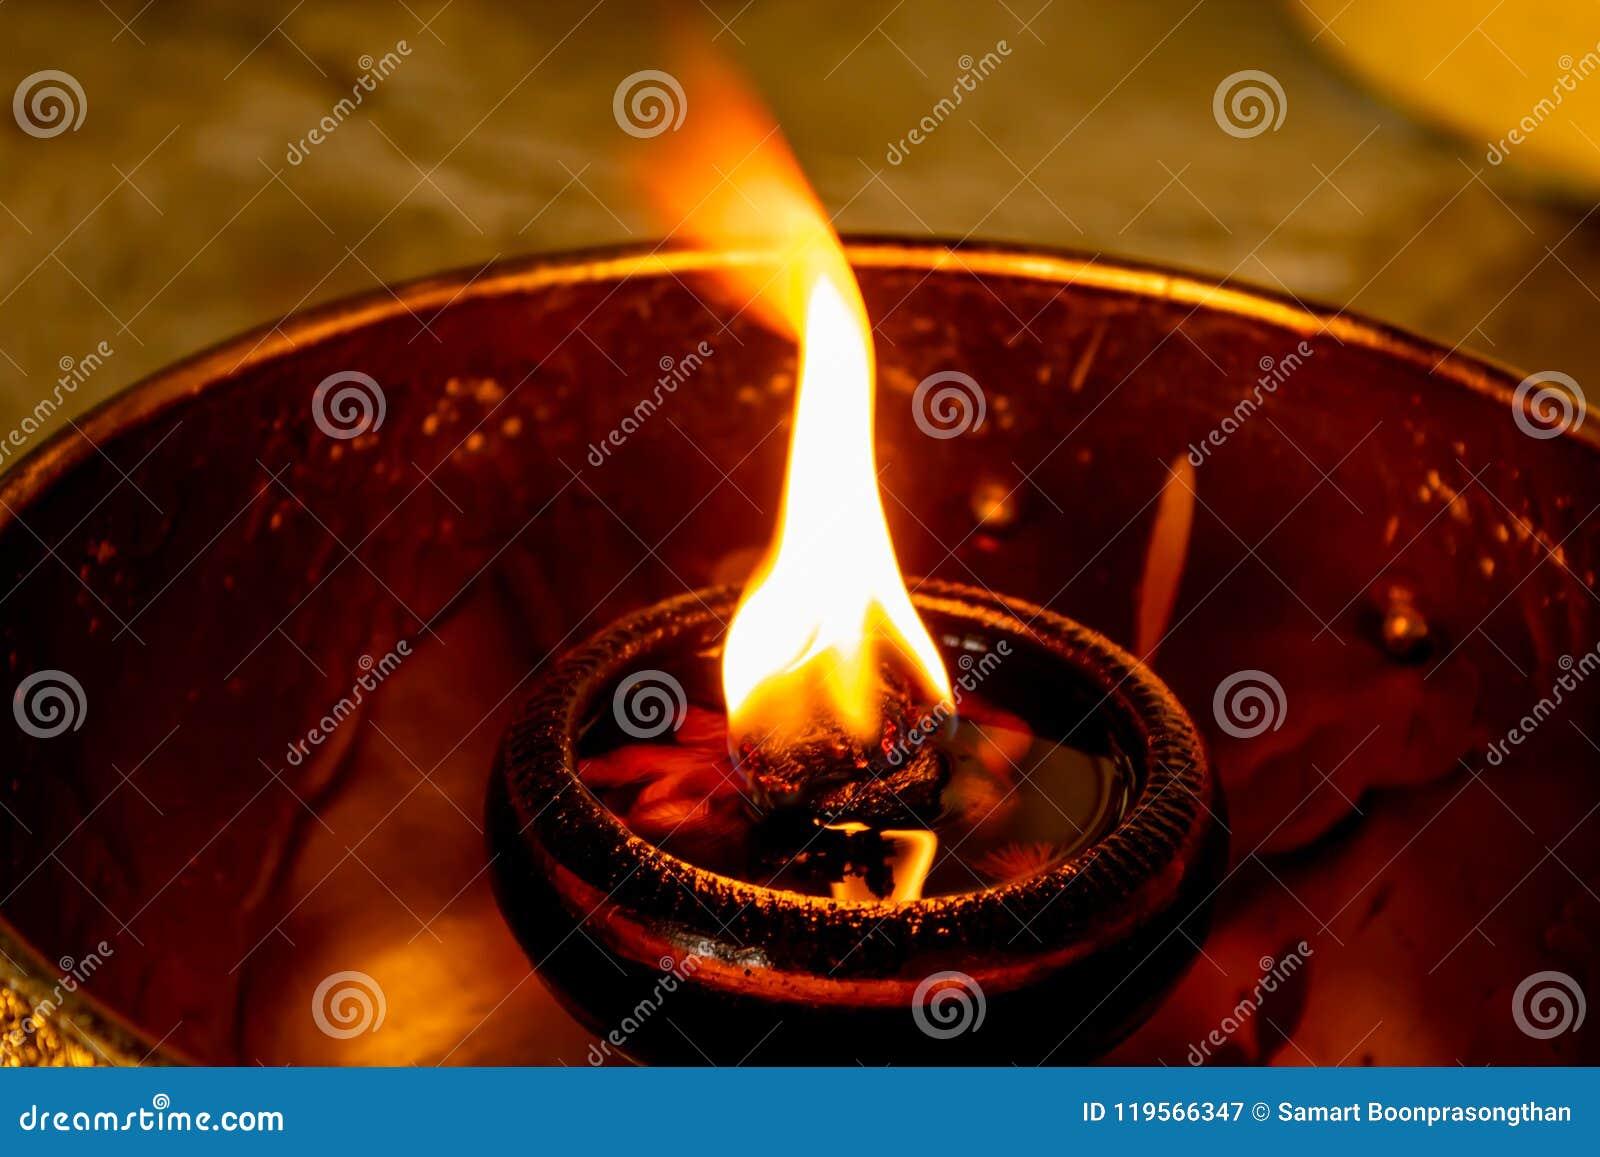 Flame oil lamp